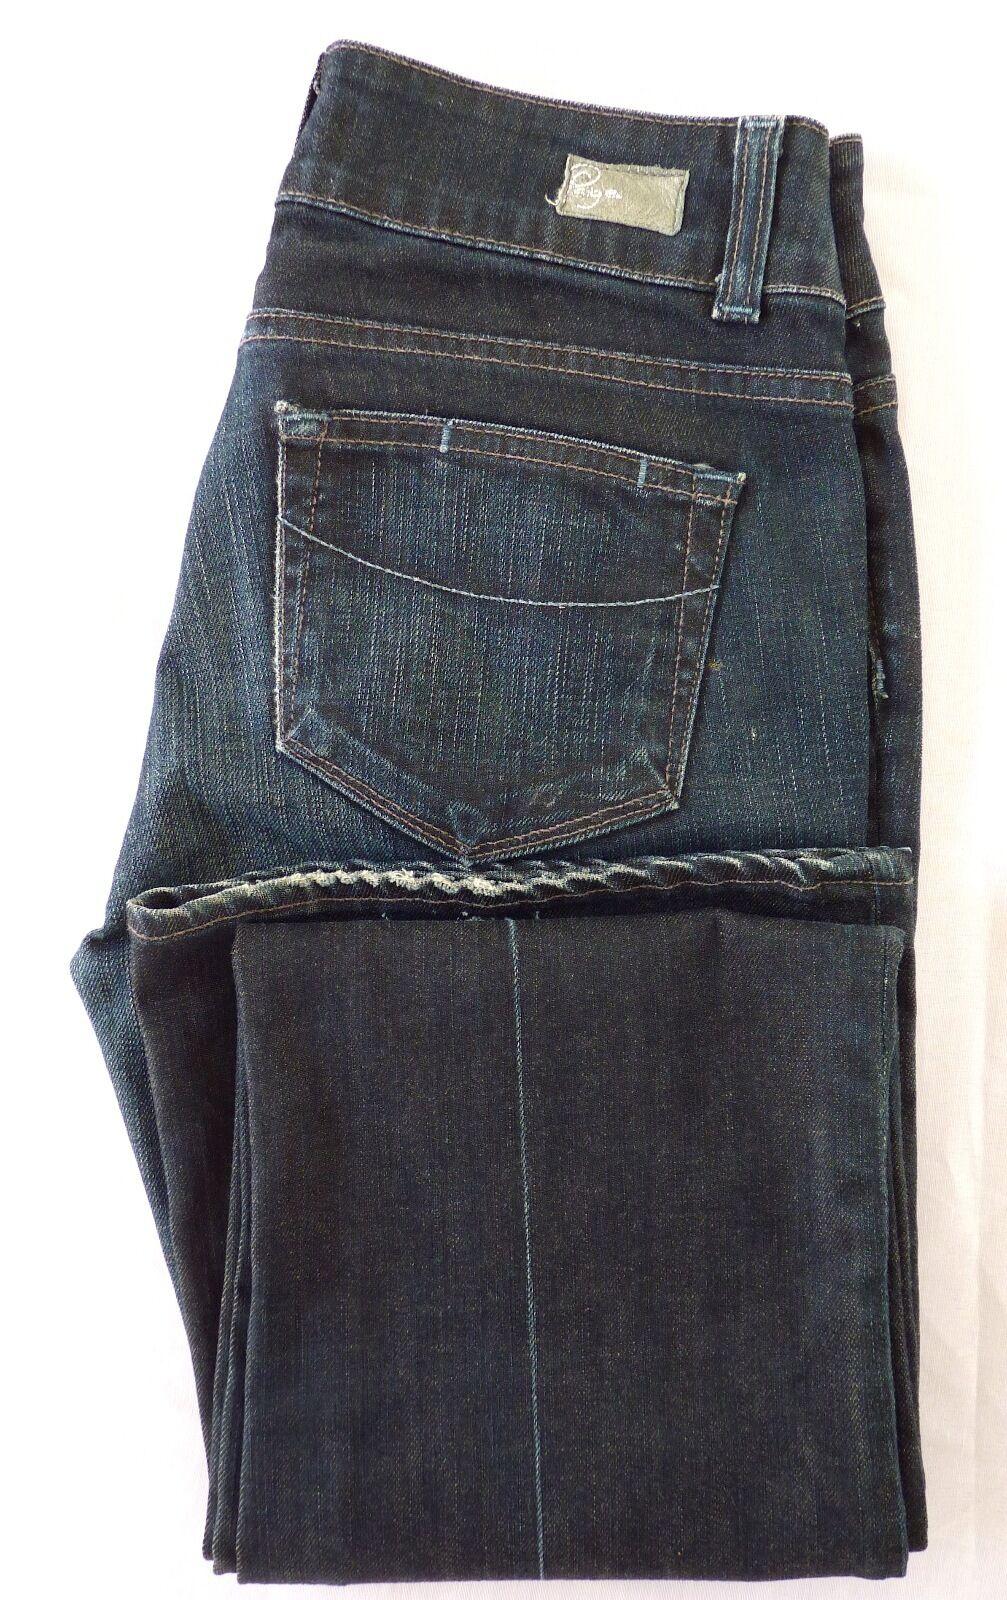 Paige Premium Denim Hidden Hills Boot Cut bluee Jeans Cotton Blend Size 28 MINT